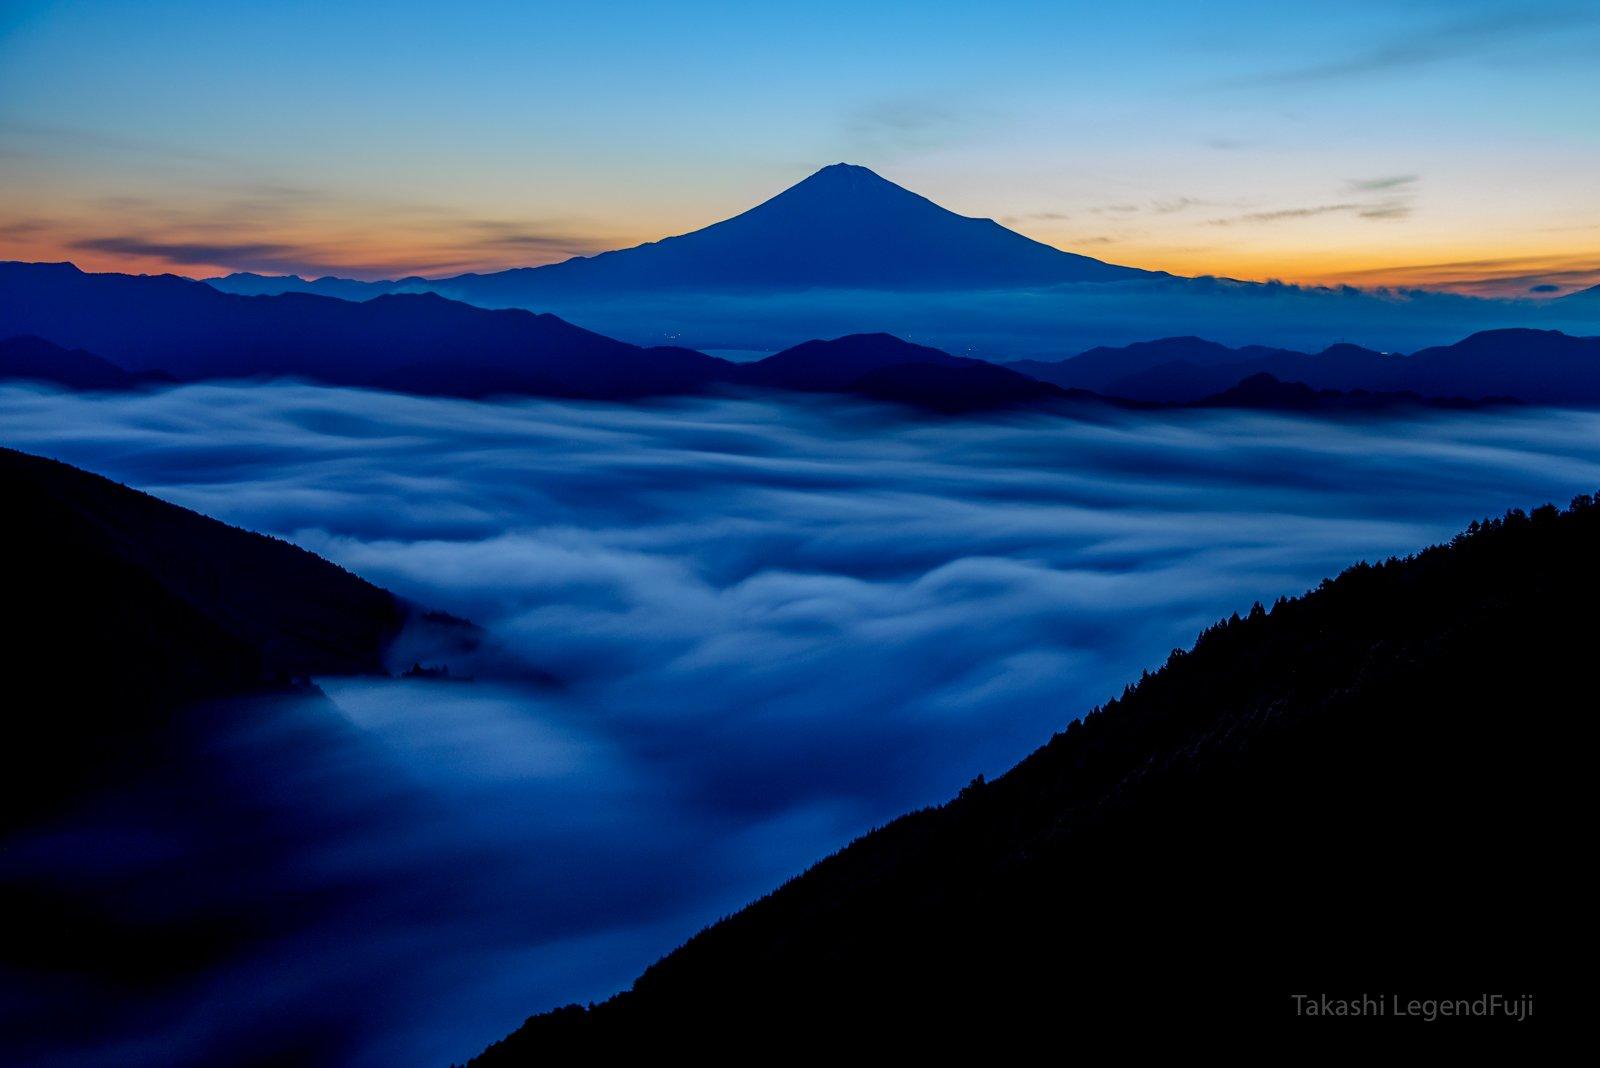 Fuji,mountain,dawn,Japan,sky,cloud,river,morning,sky,blue,beautiful,amazing, Takashi